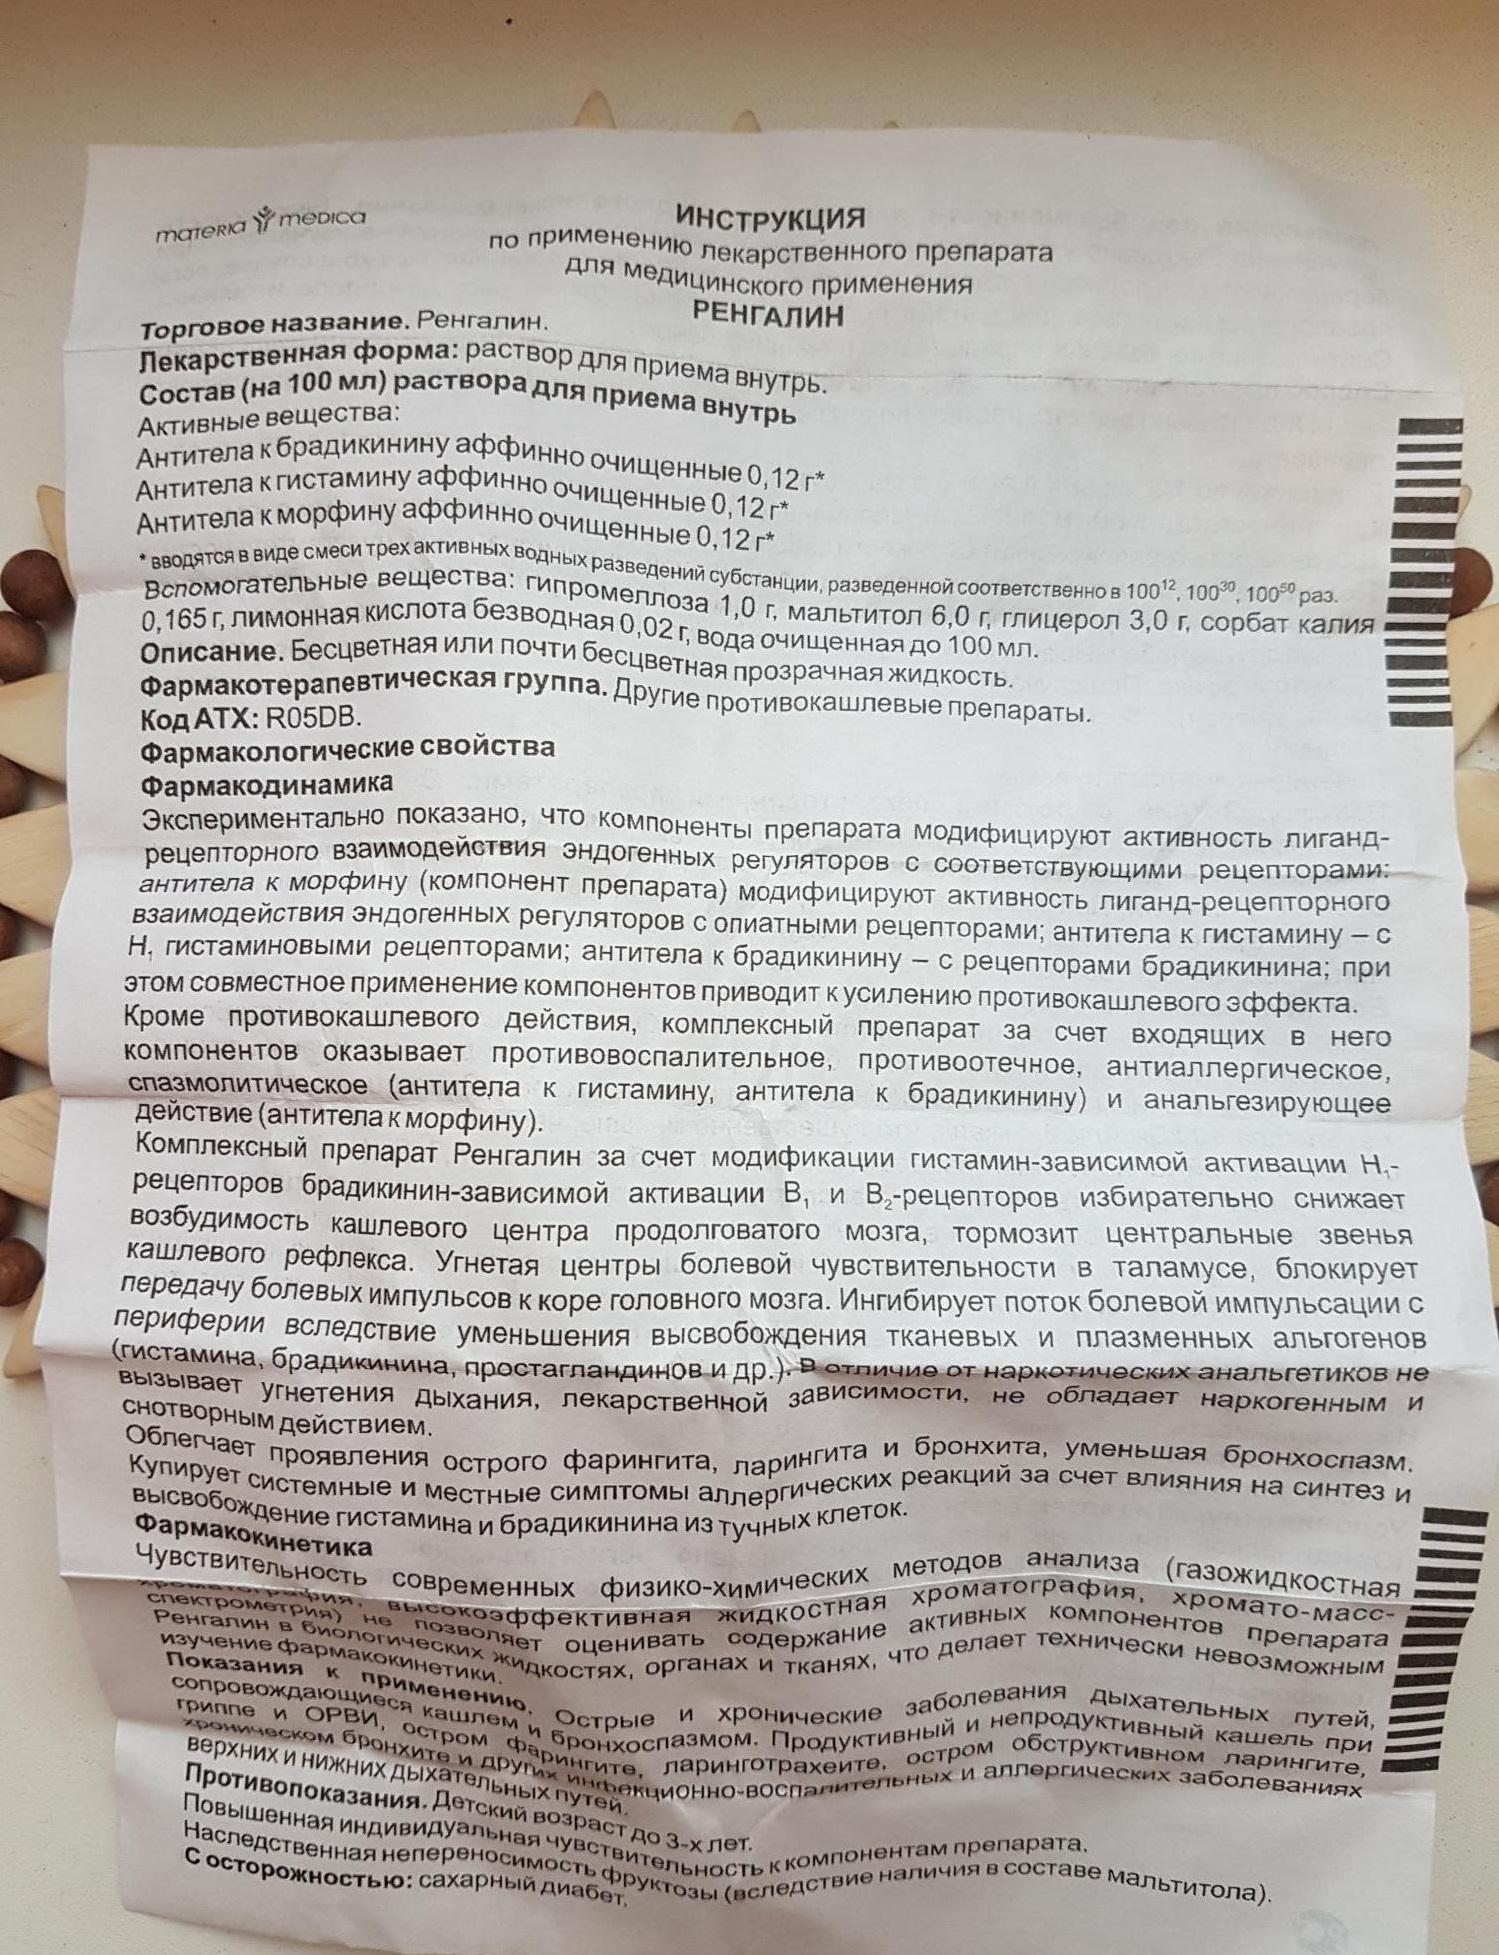 Ренгалин от кашля: инструкция для детей по применению сиропа и таблеток